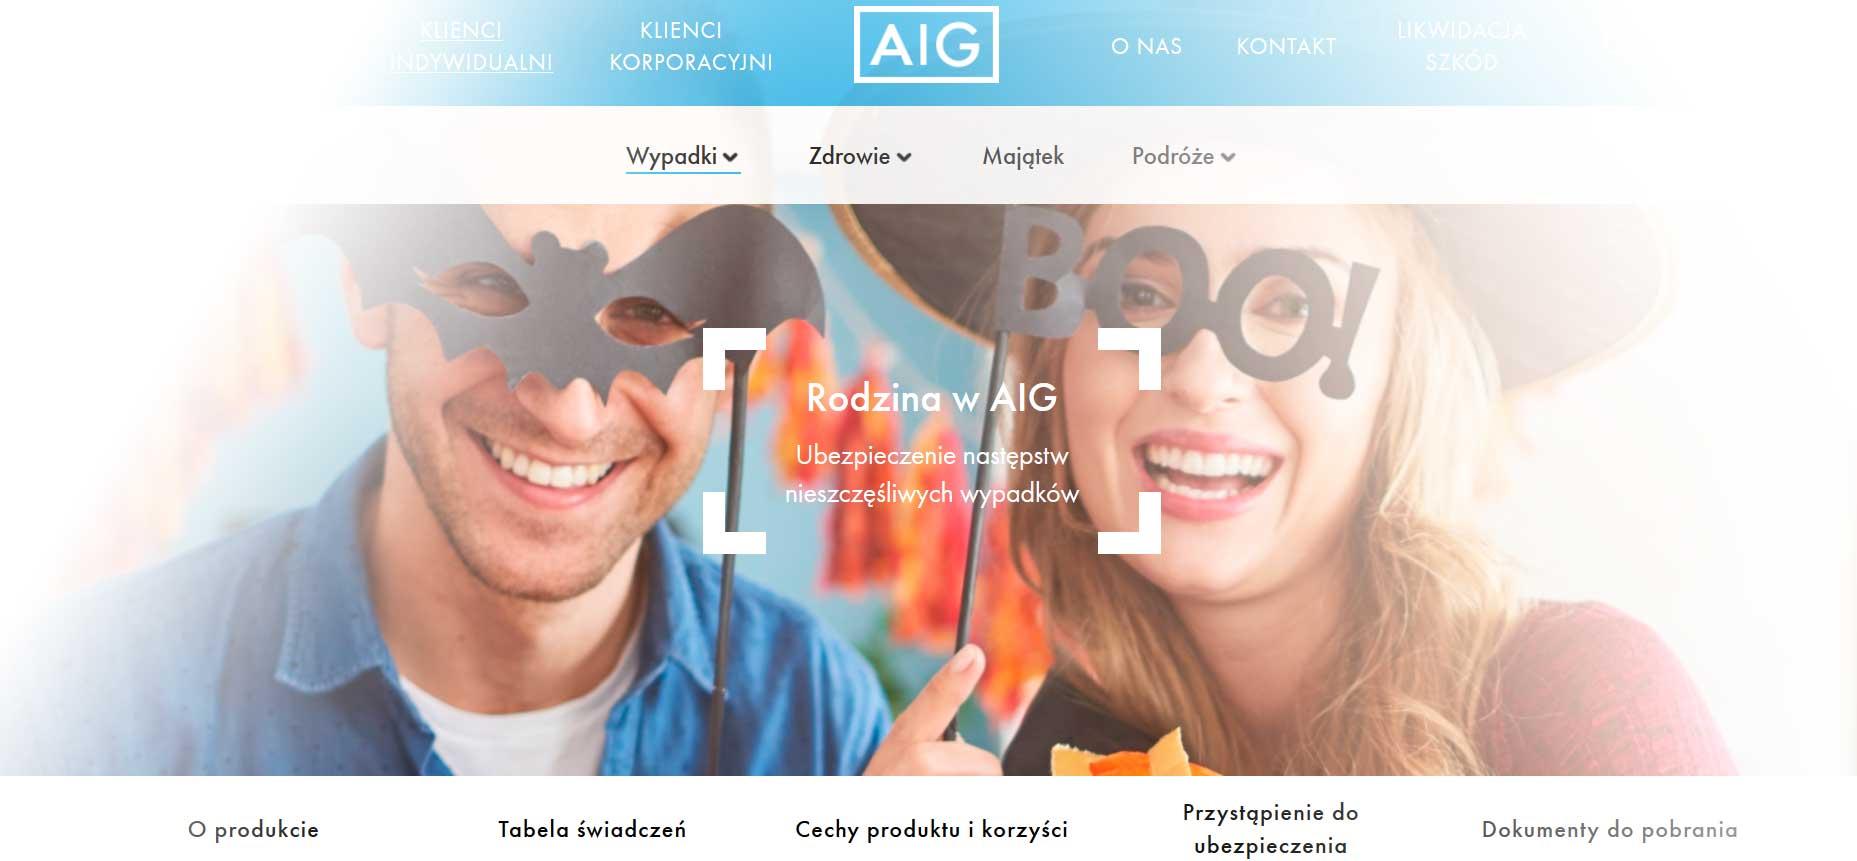 Ubezpieczenia na Życie AIG